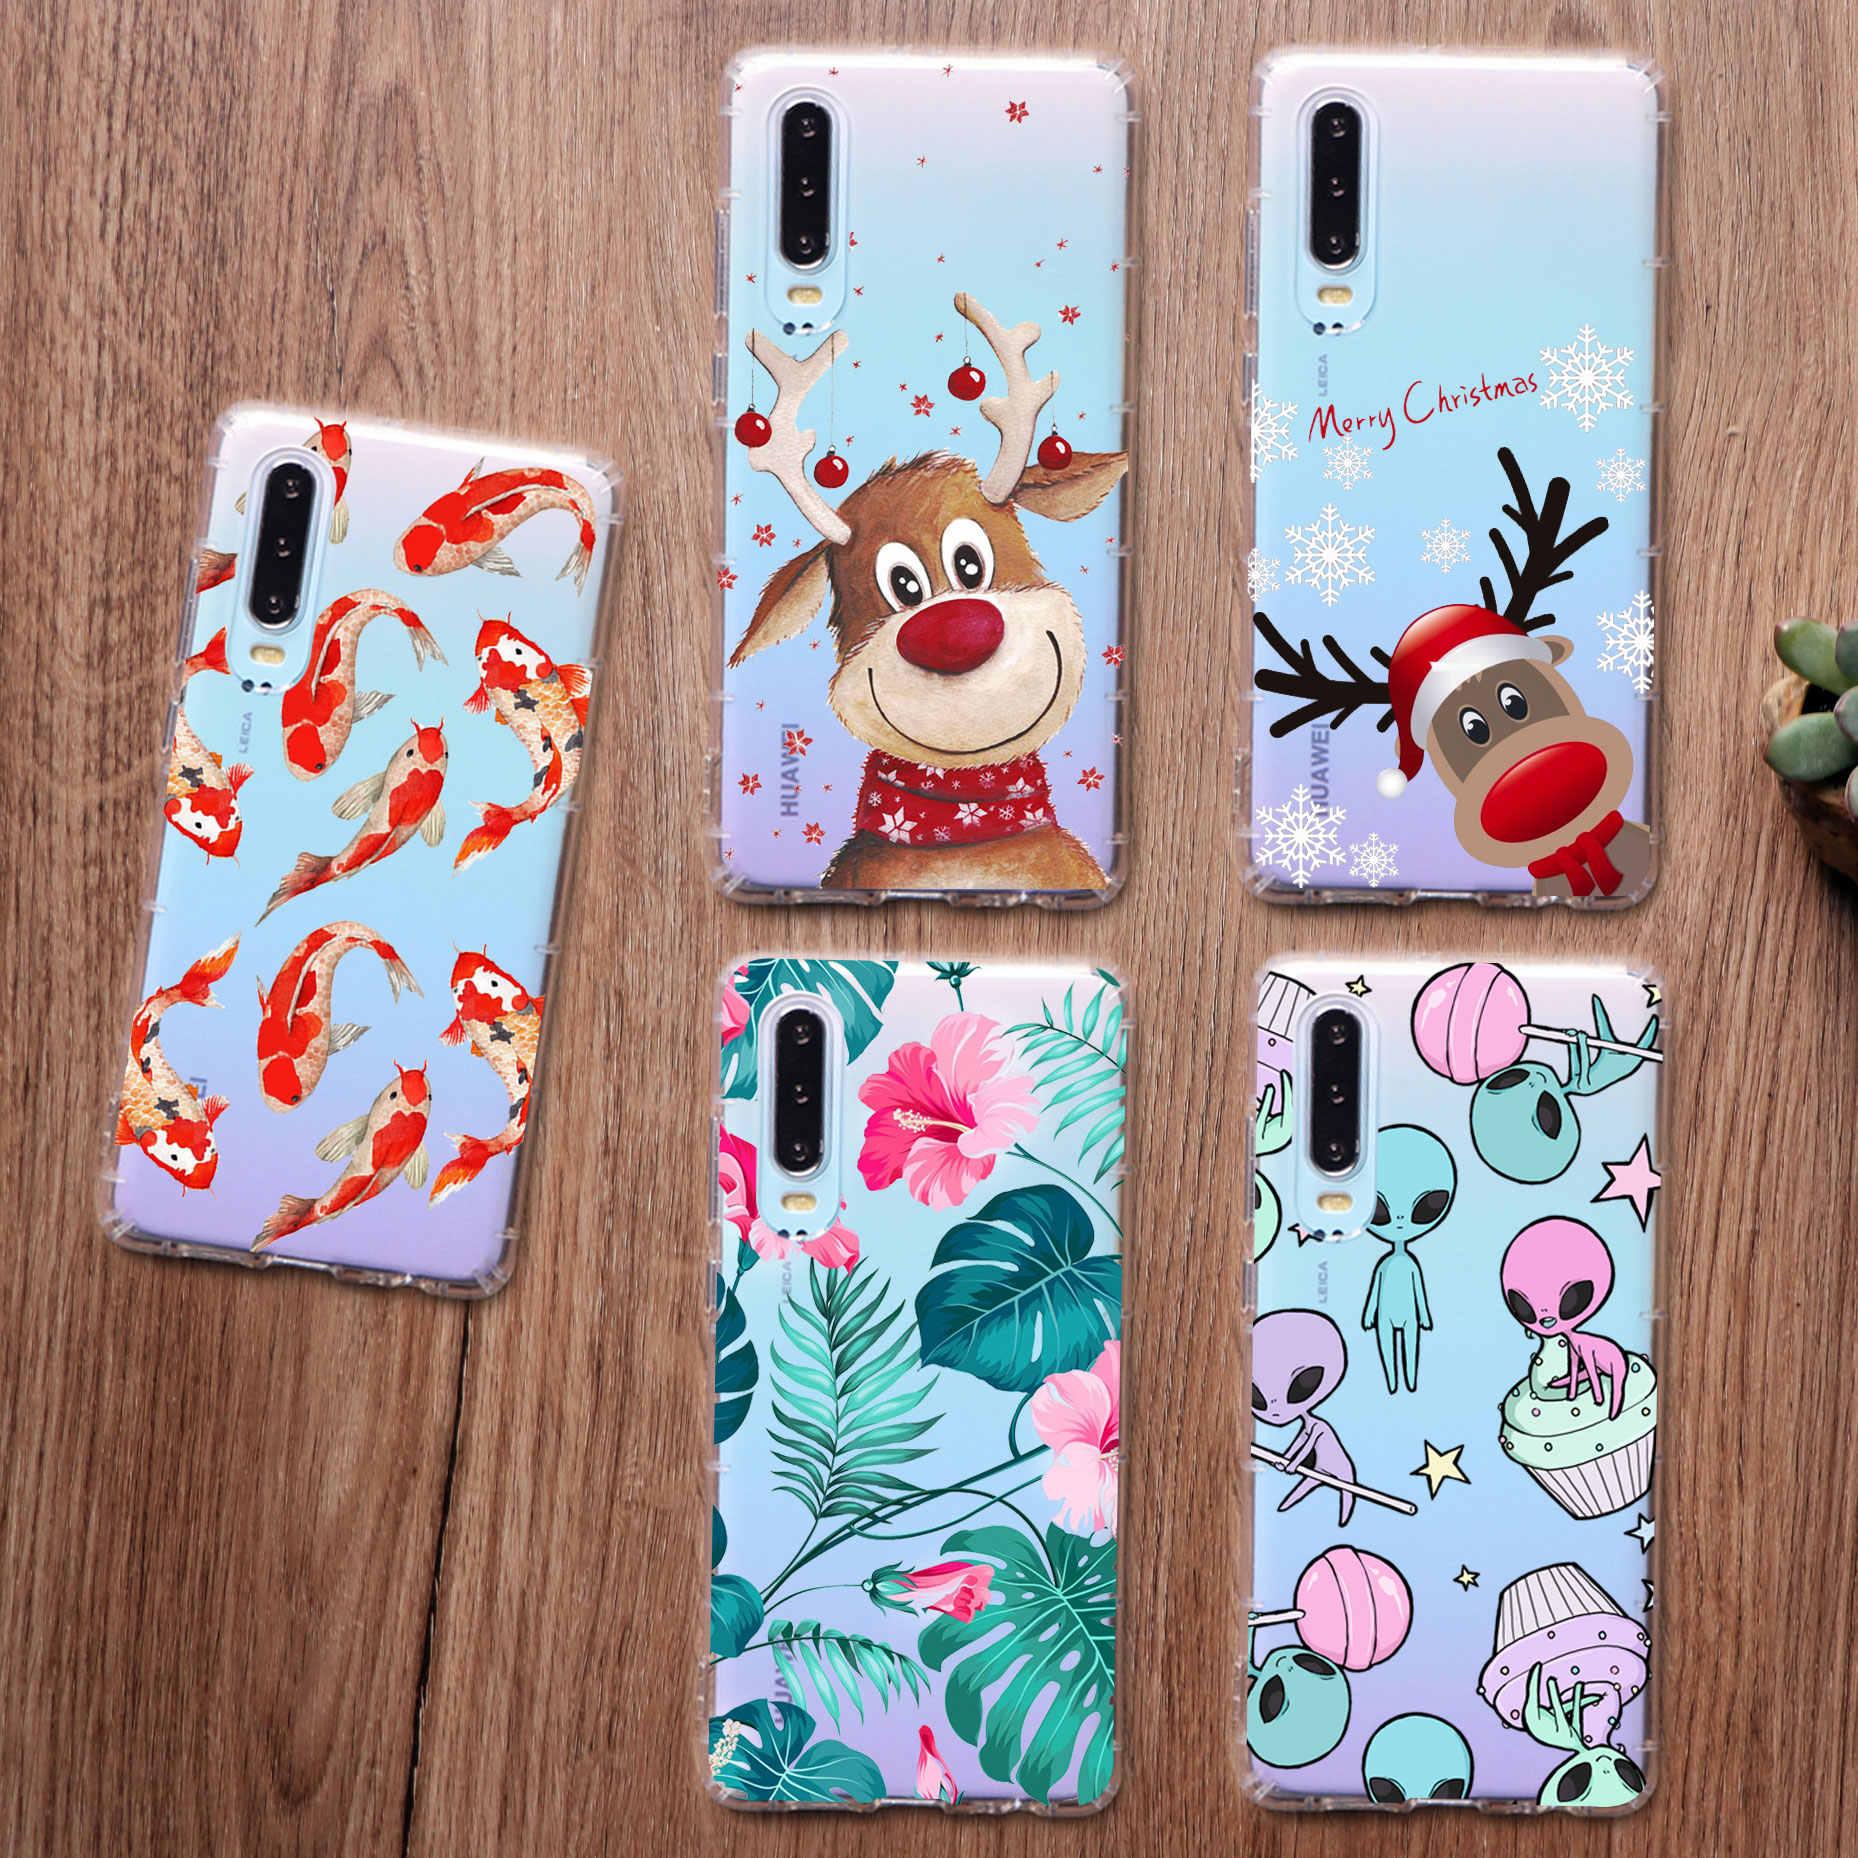 Yeni yıl elk balık sevimli bakım ayılar kız hediyeler sanat telefon samsung kılıfı A50 A70 S10 A30 S8 S9 artı S7 a6 2018 artı S11 TPU kılıf